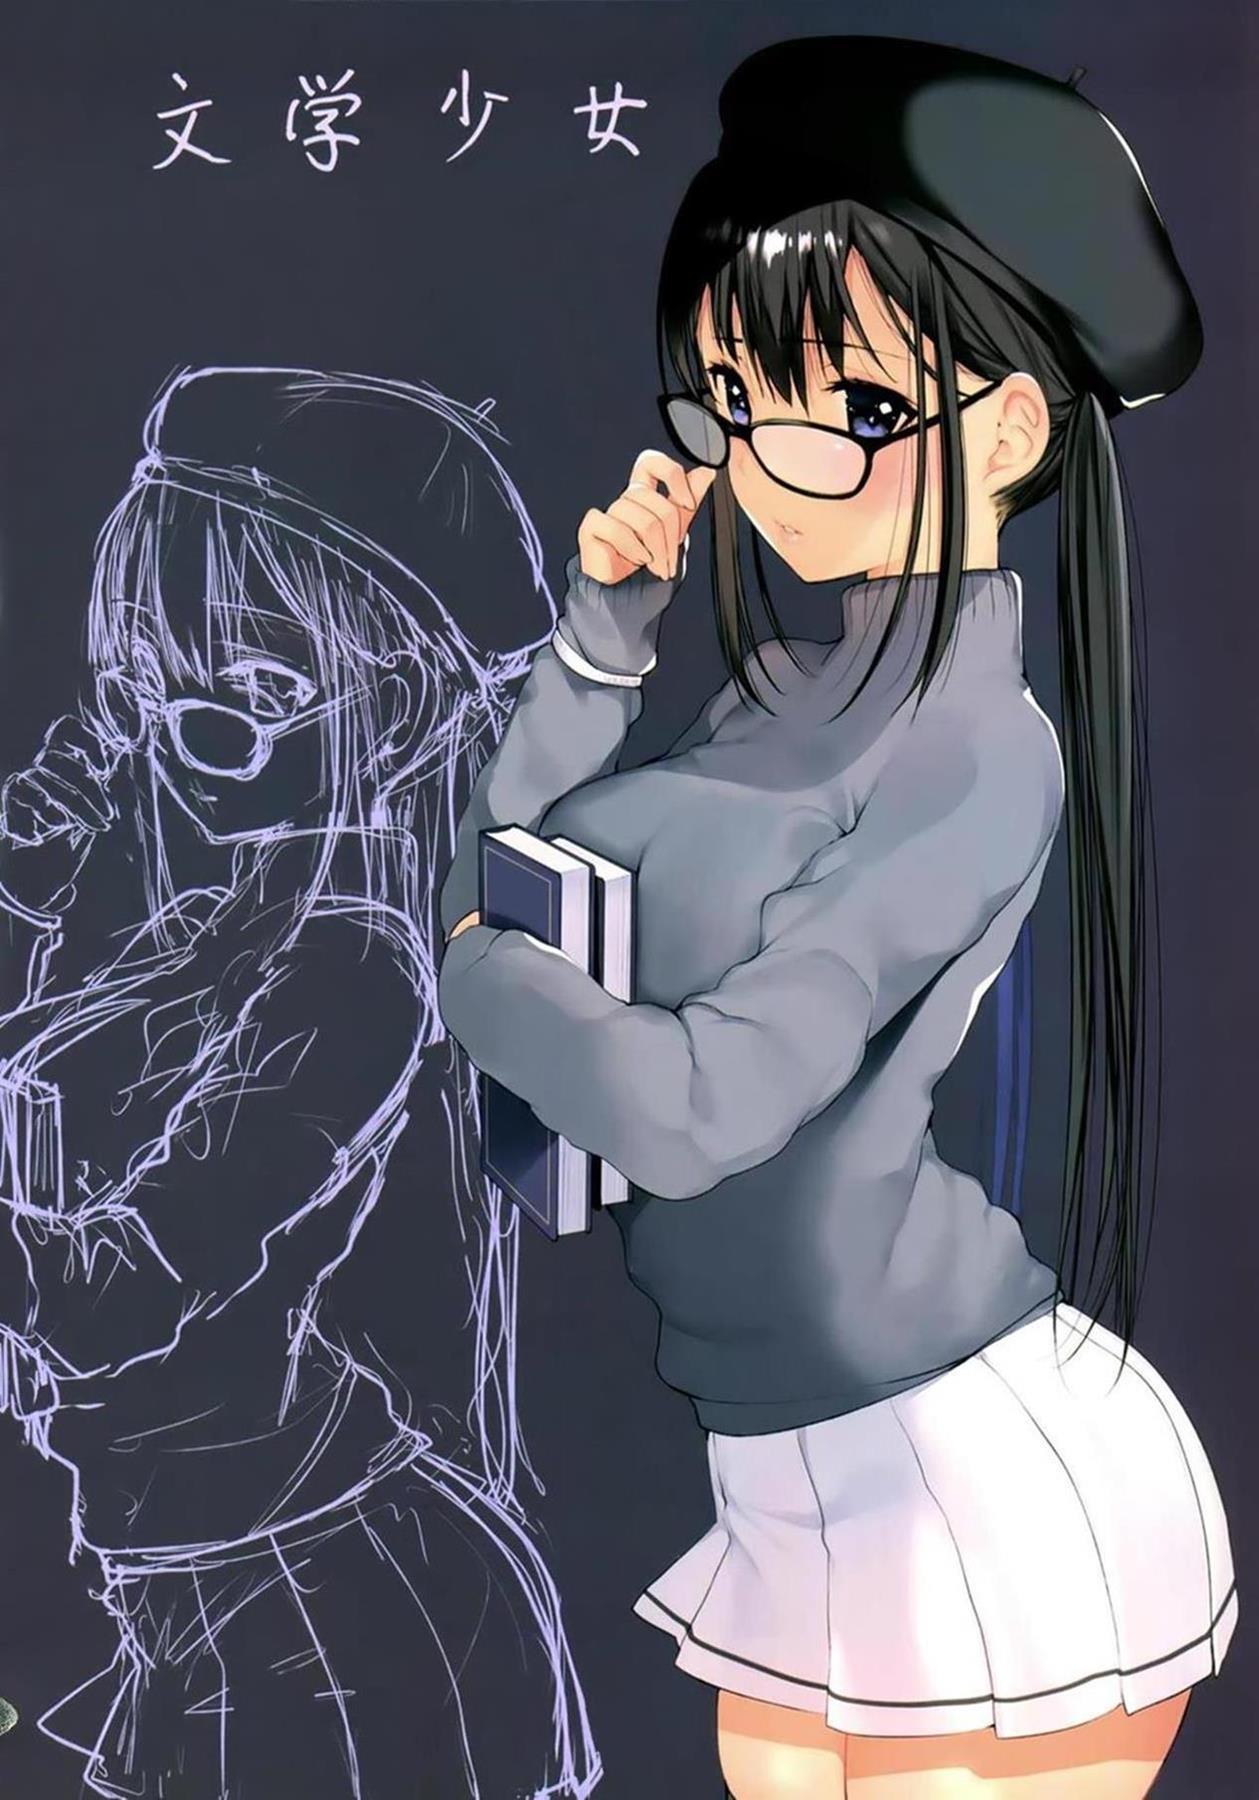 マシュちゃんがはずかしそうにこっちを見つめながら乳首隠しておっぱいポロリしちゃう♡♡♡【FGO エロ漫画・エロ同人】 (23)